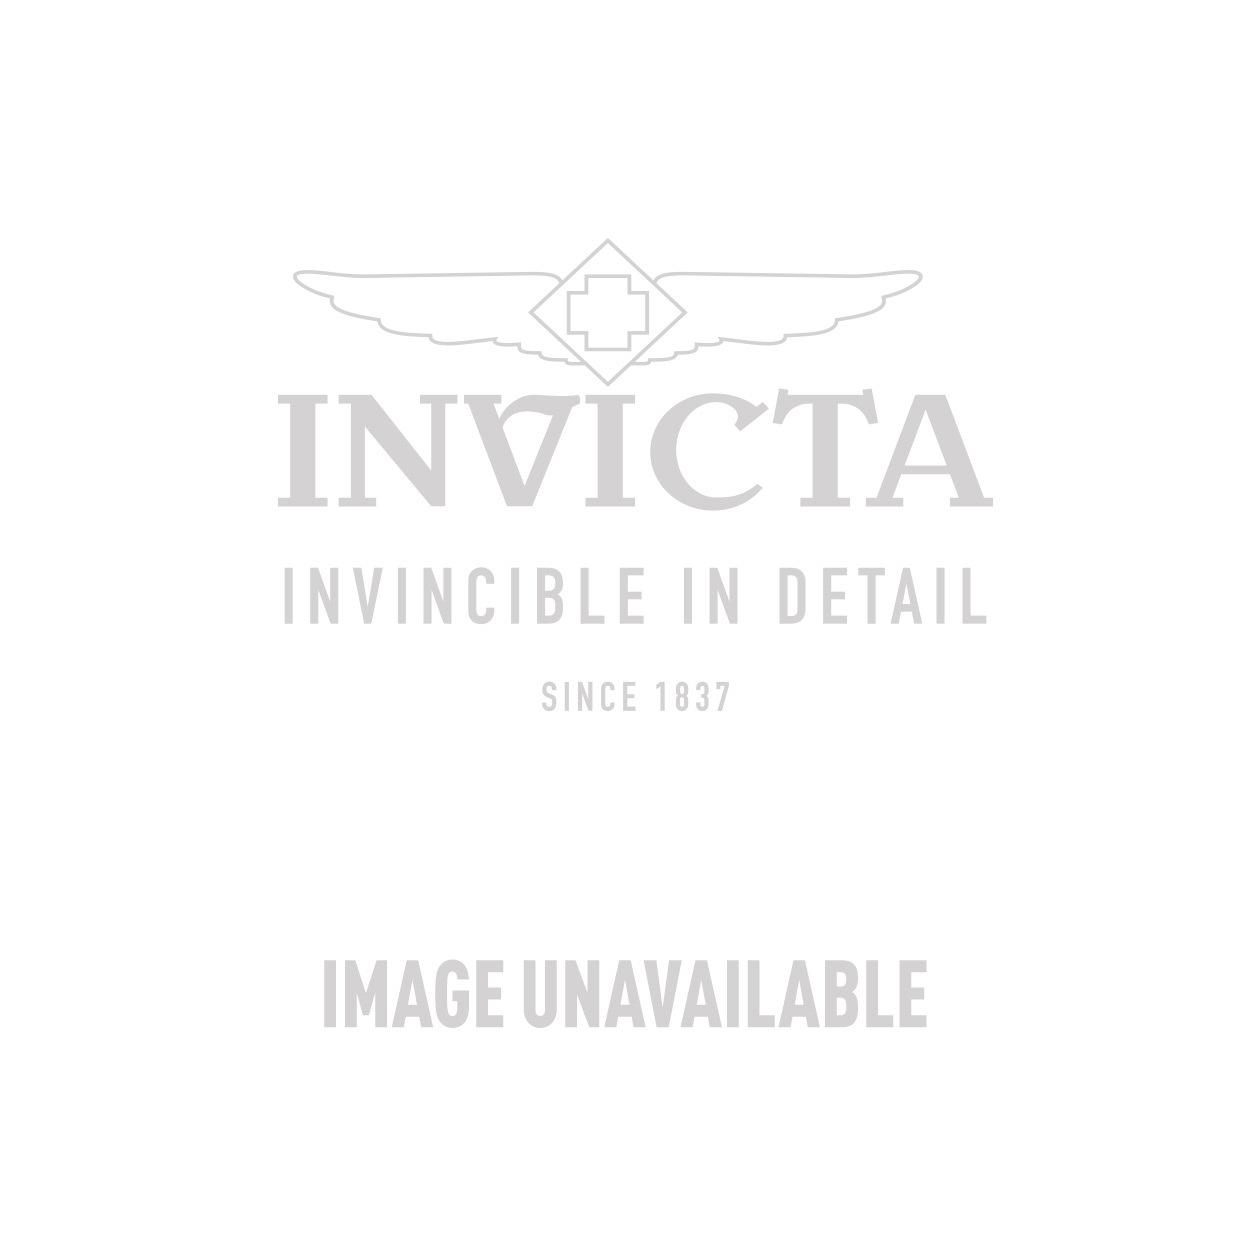 Invicta Model 21941